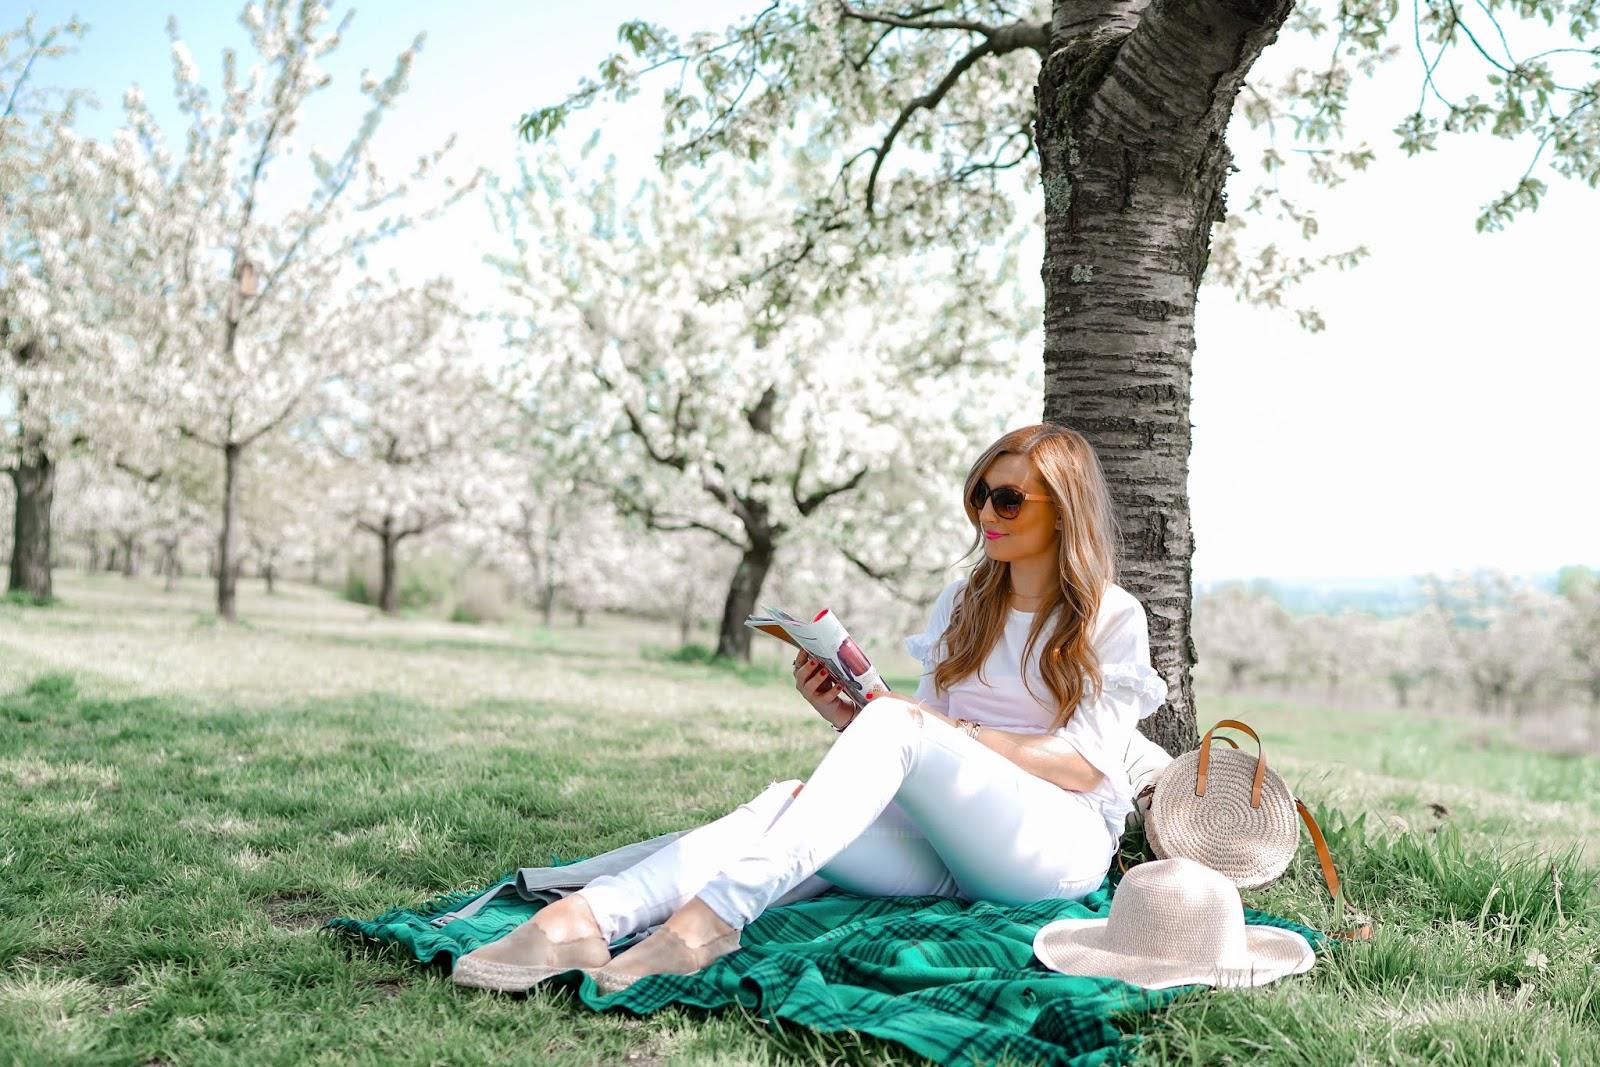 fashionstylebyjohanna-blogger-aus-deutschland-deutsche-beautyblogger-frankfurt-fashionblogger-fashionstylebyjohanna-sommerlook